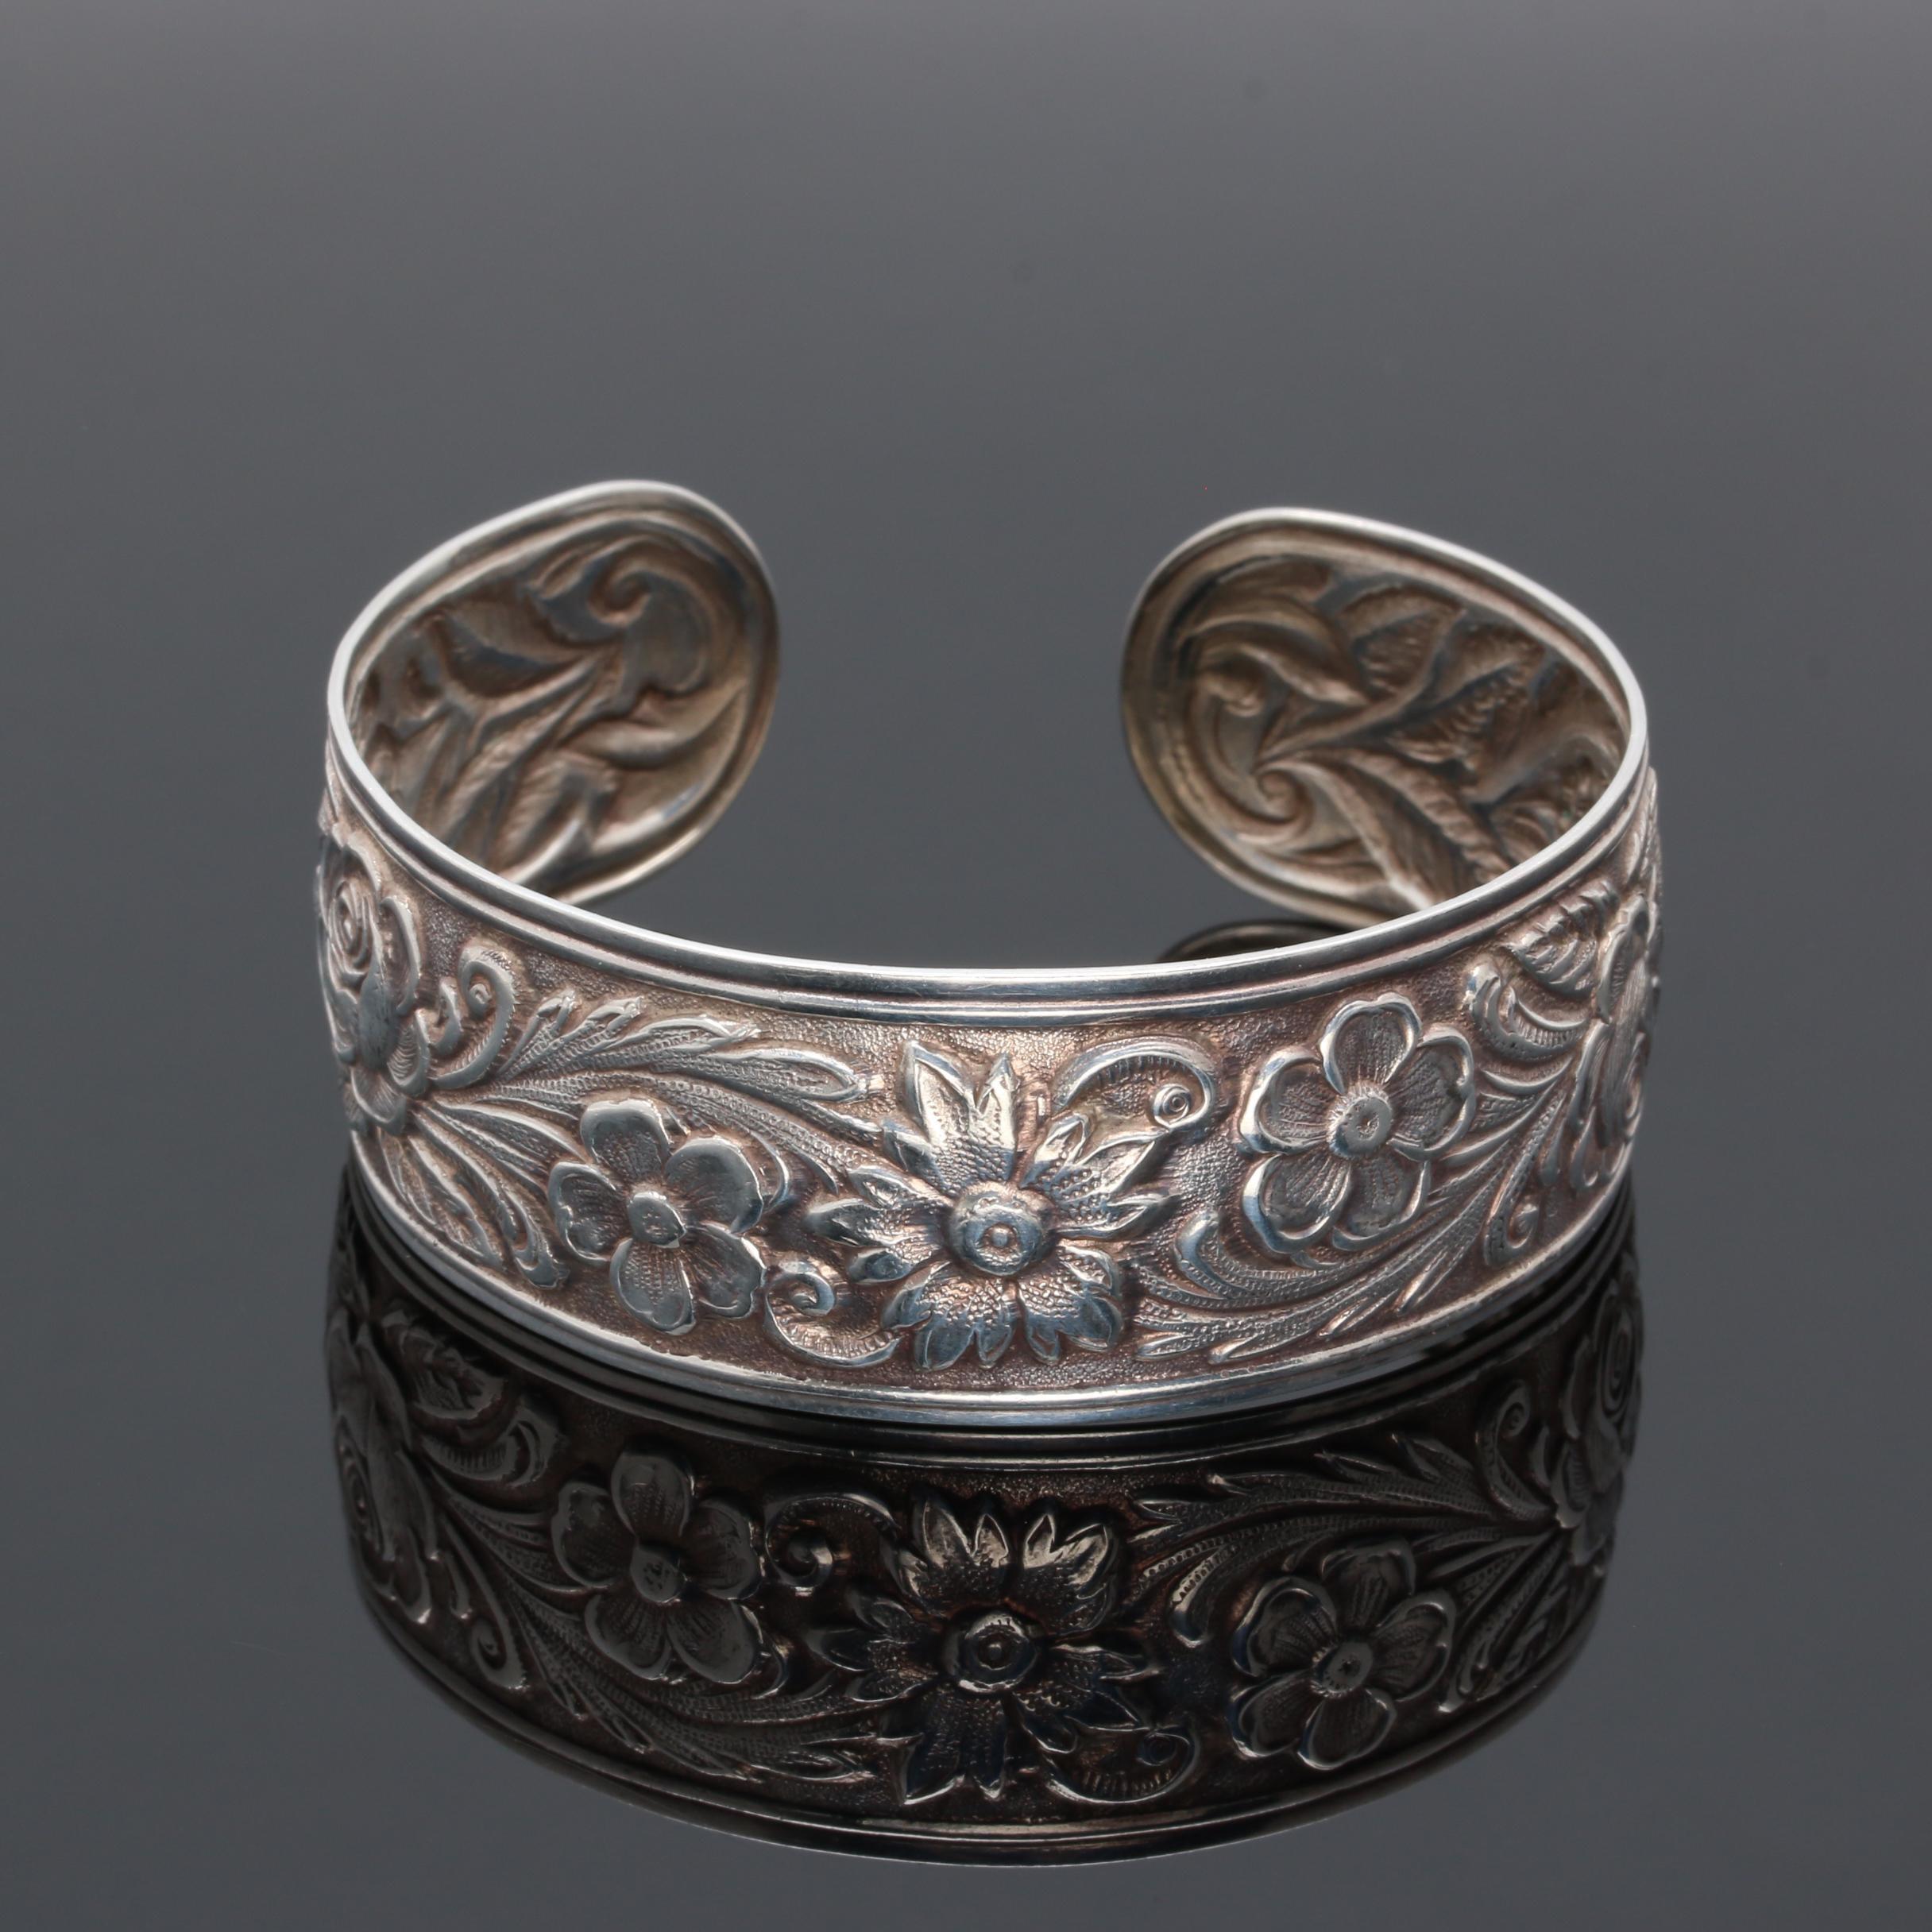 Kirk & Son Sterling Silver Floral Design Cuff Bracelet